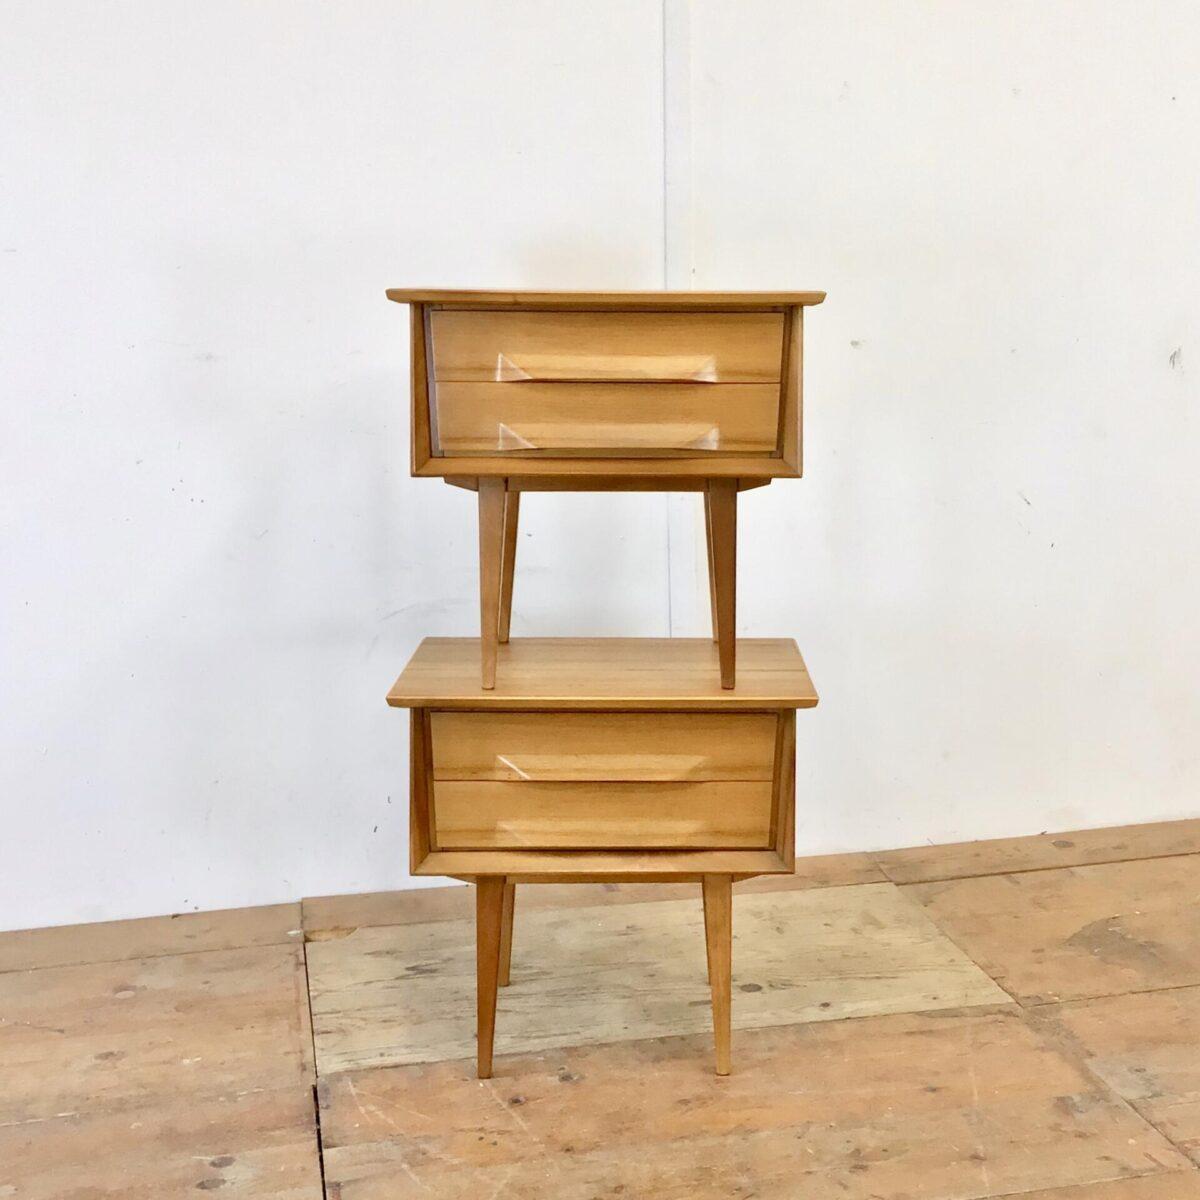 Schlafzimmer oder Wohnzimmerkombination. Sideboard 135x50cm Höhe 60.5cm. Nachttische 55.5x37cm Höhe 52cm. Die Möbel sind aus Nussbaum furniert. Sie stehen auf eleganten konischen Vollholz Beinen, die Frontumrandung ist ebenfalls aus Nussbaum Vollholz. Und laufen gegen unten leicht schräg nach vorne. Die Schubladengriffe sind sehr aufwändig verarbeitet, sie fliessen organisch aus der Front heraus. Beim Sideboard hat es eine abschliessbare Türe mit Holzgriff Schlüssel, und einem Tablar dahinter.